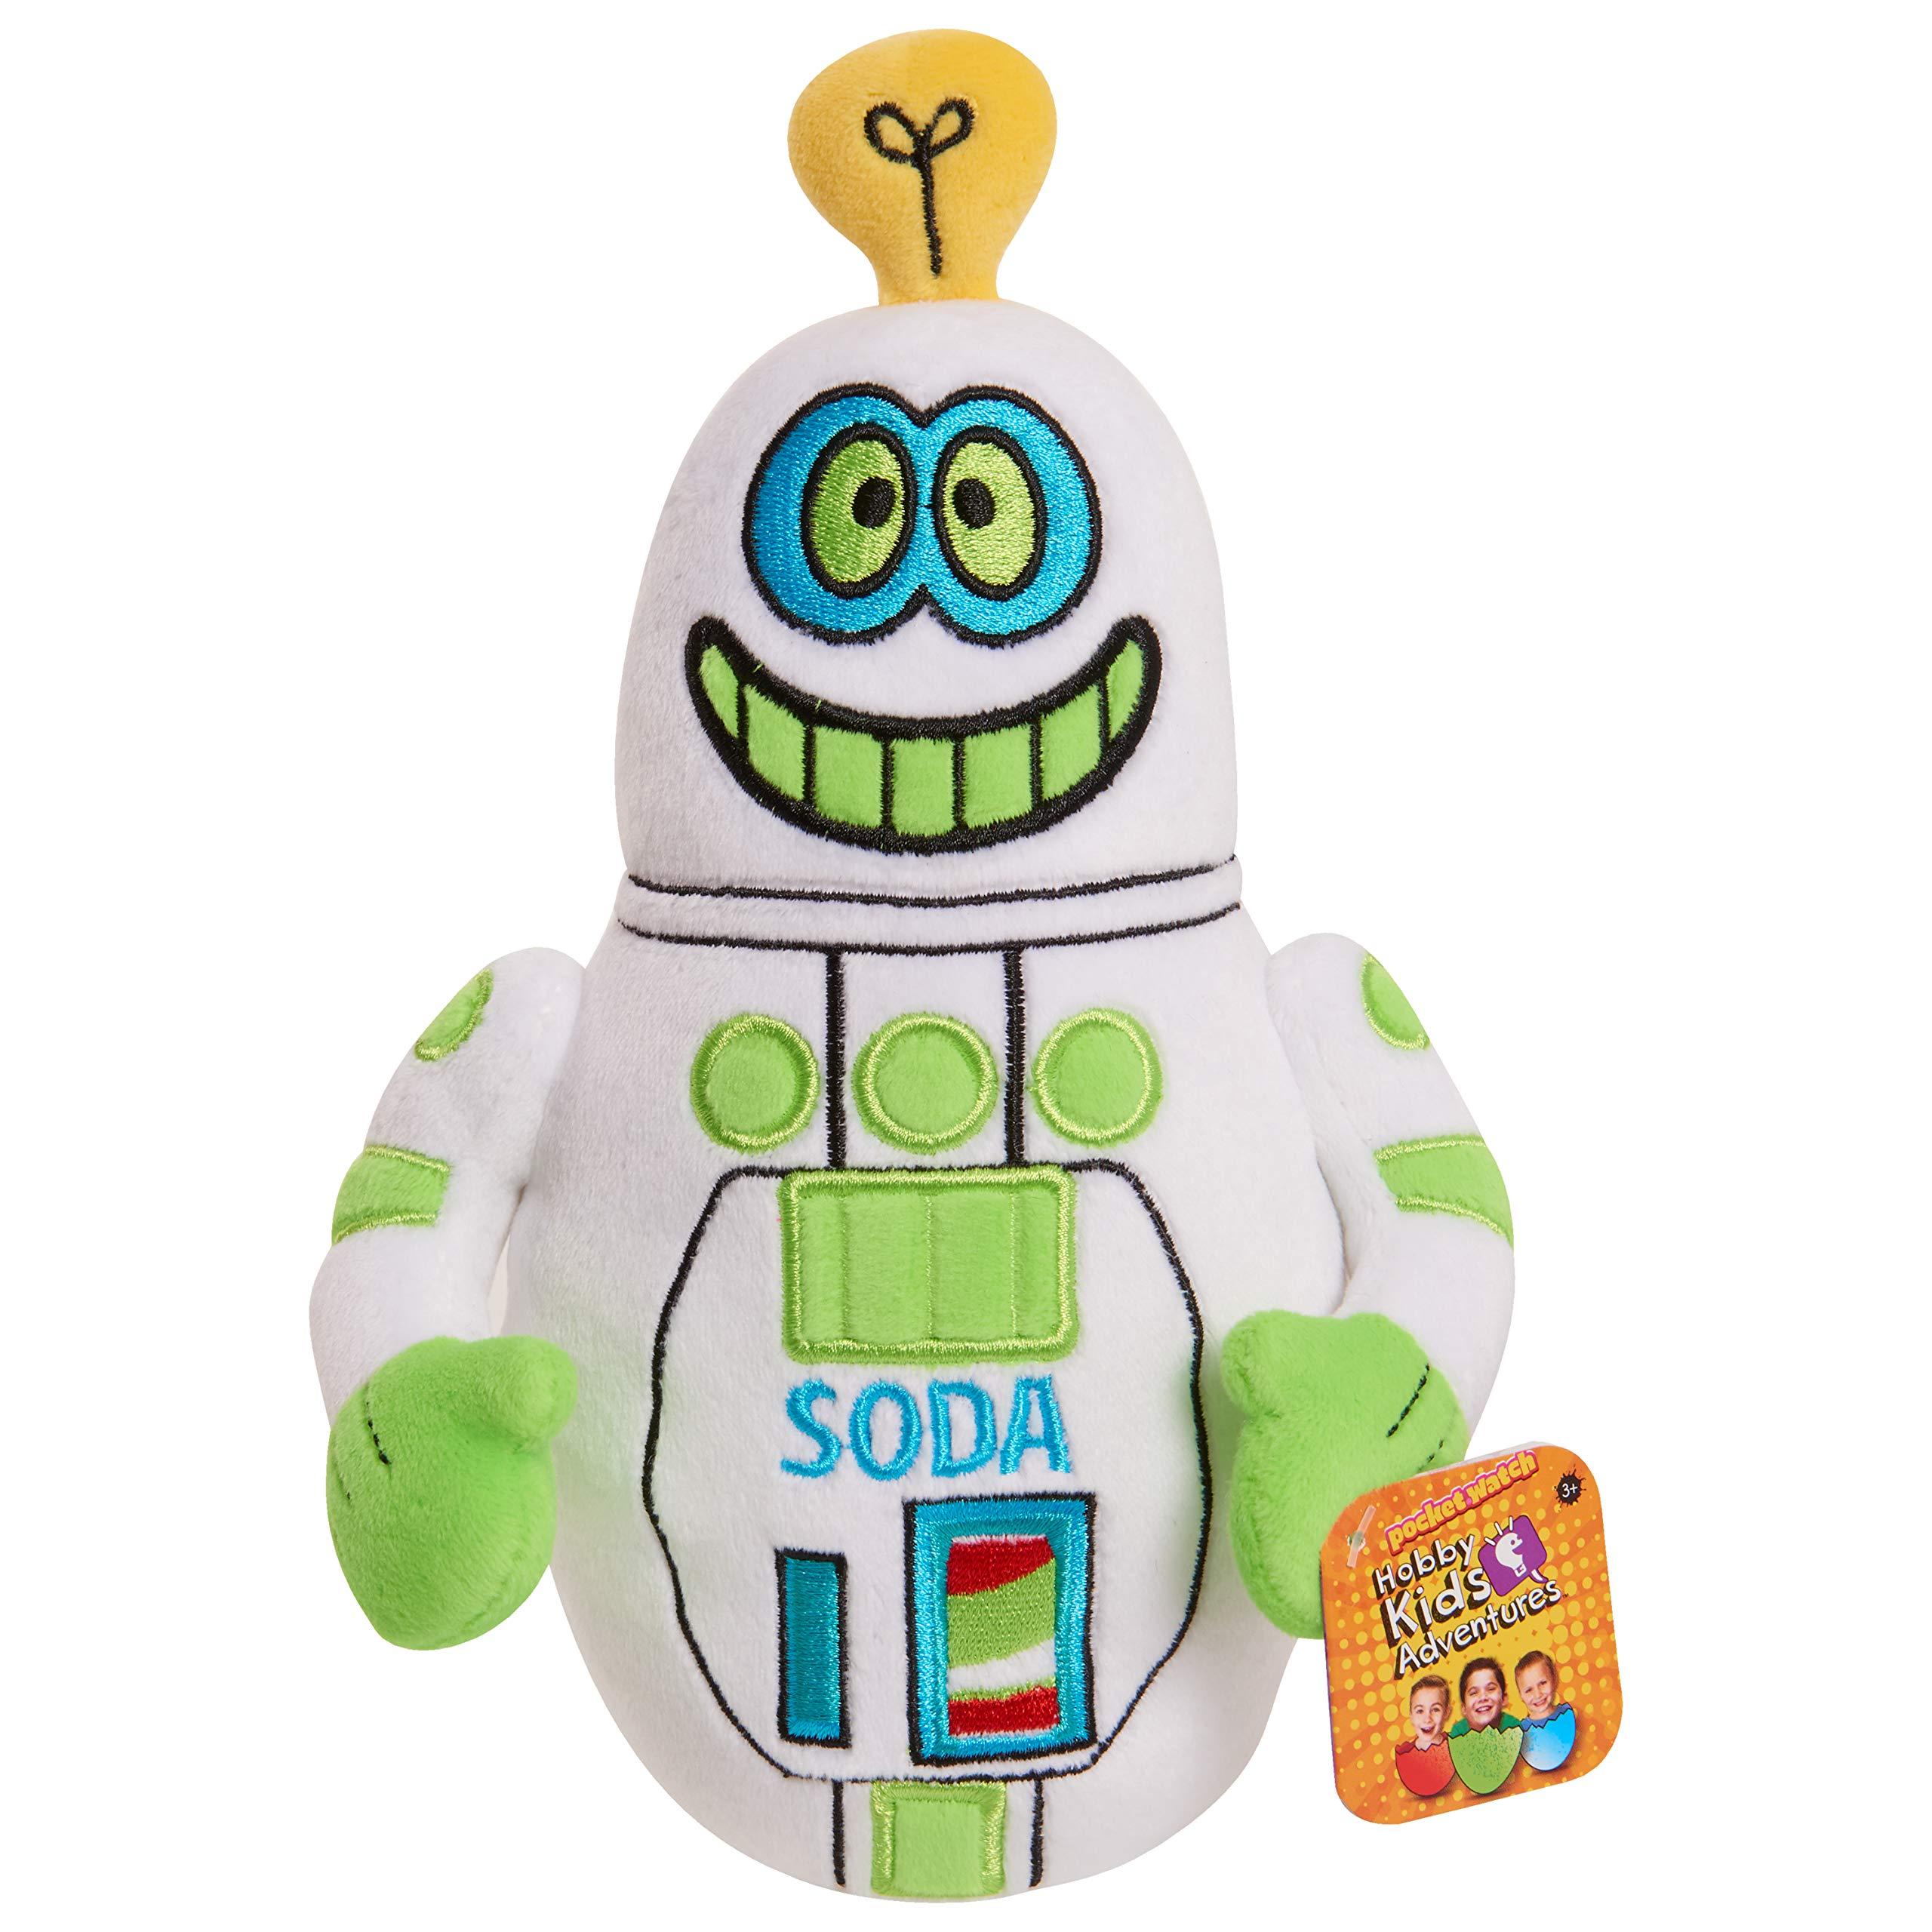 HobbyKids Plush - Robot